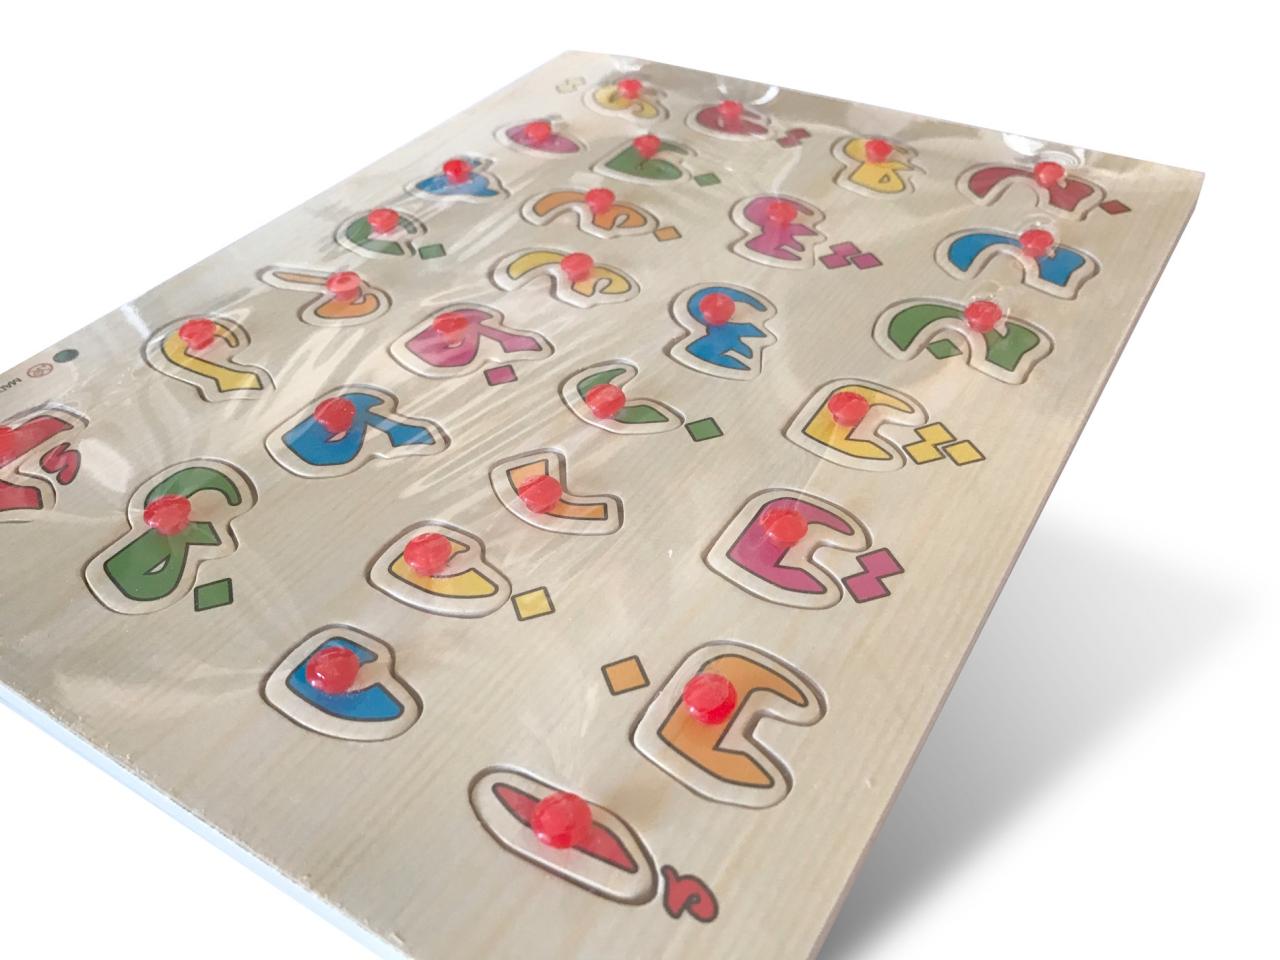 Arabisches Puzzle Spiel Lernspielzeug für Kinder aus Holz